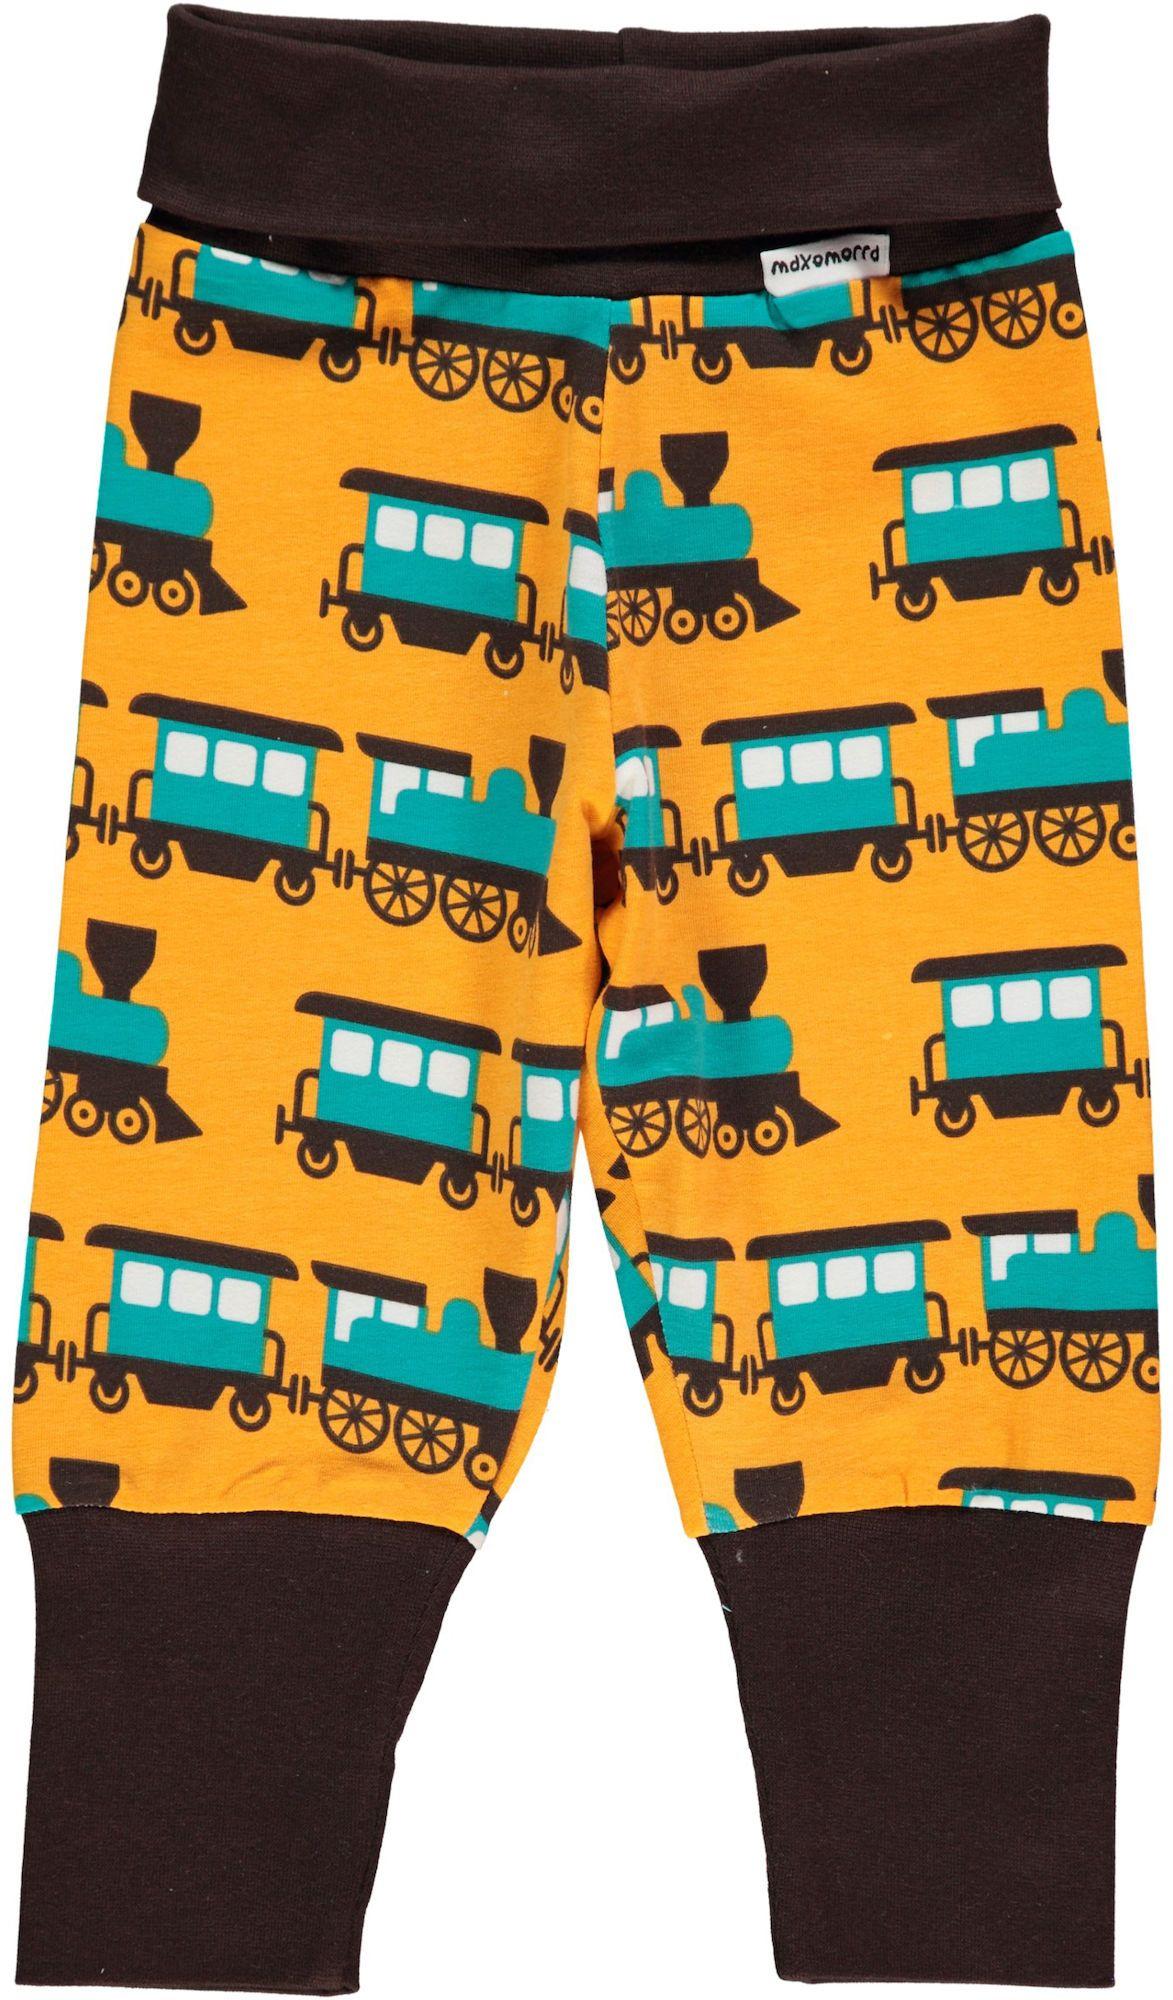 fd231671 maxomorra Train Bukse | Barneklær | Barneklær, Tog